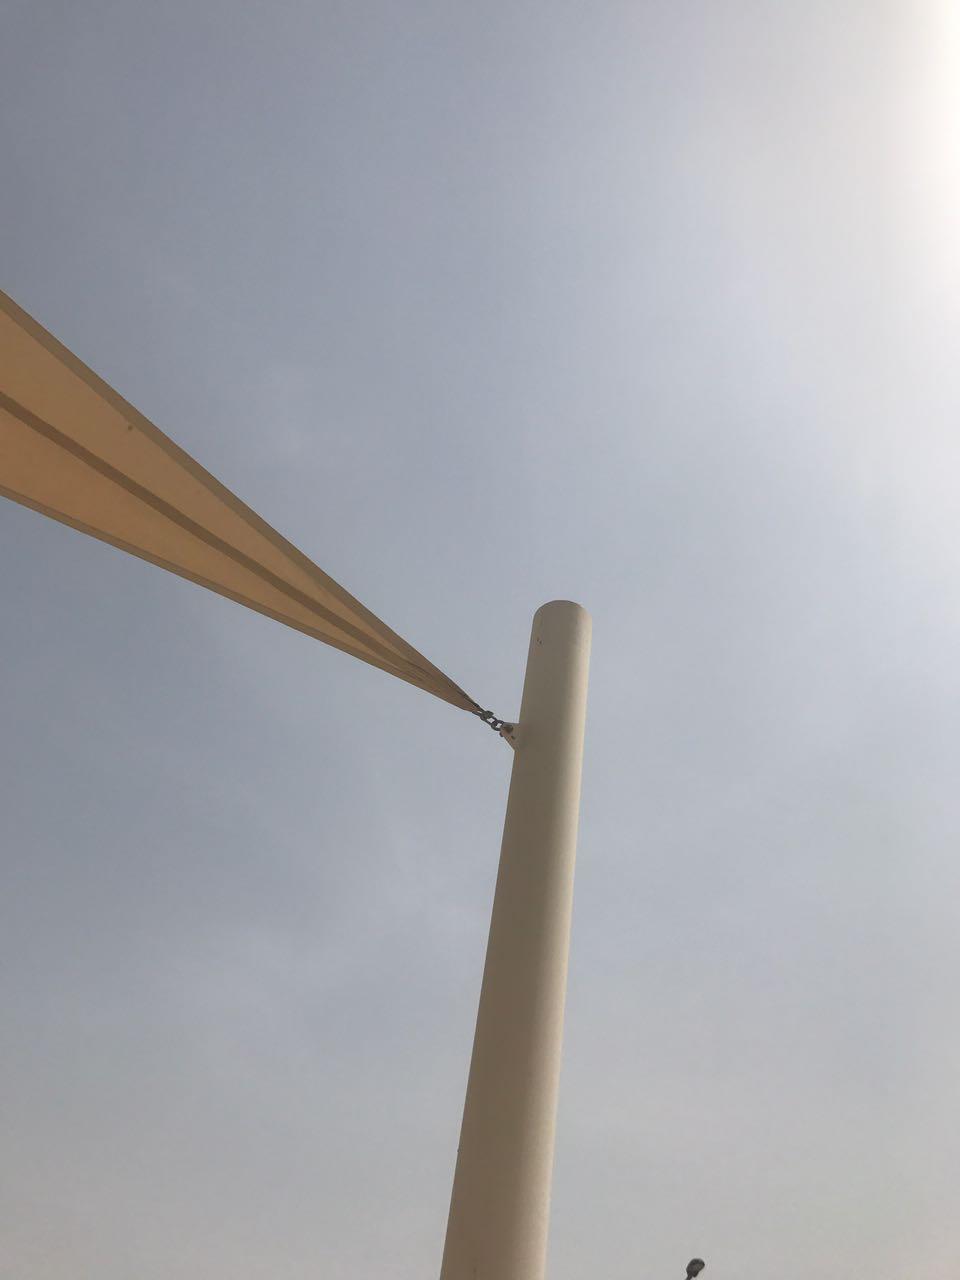 sail shades installation in Dubai